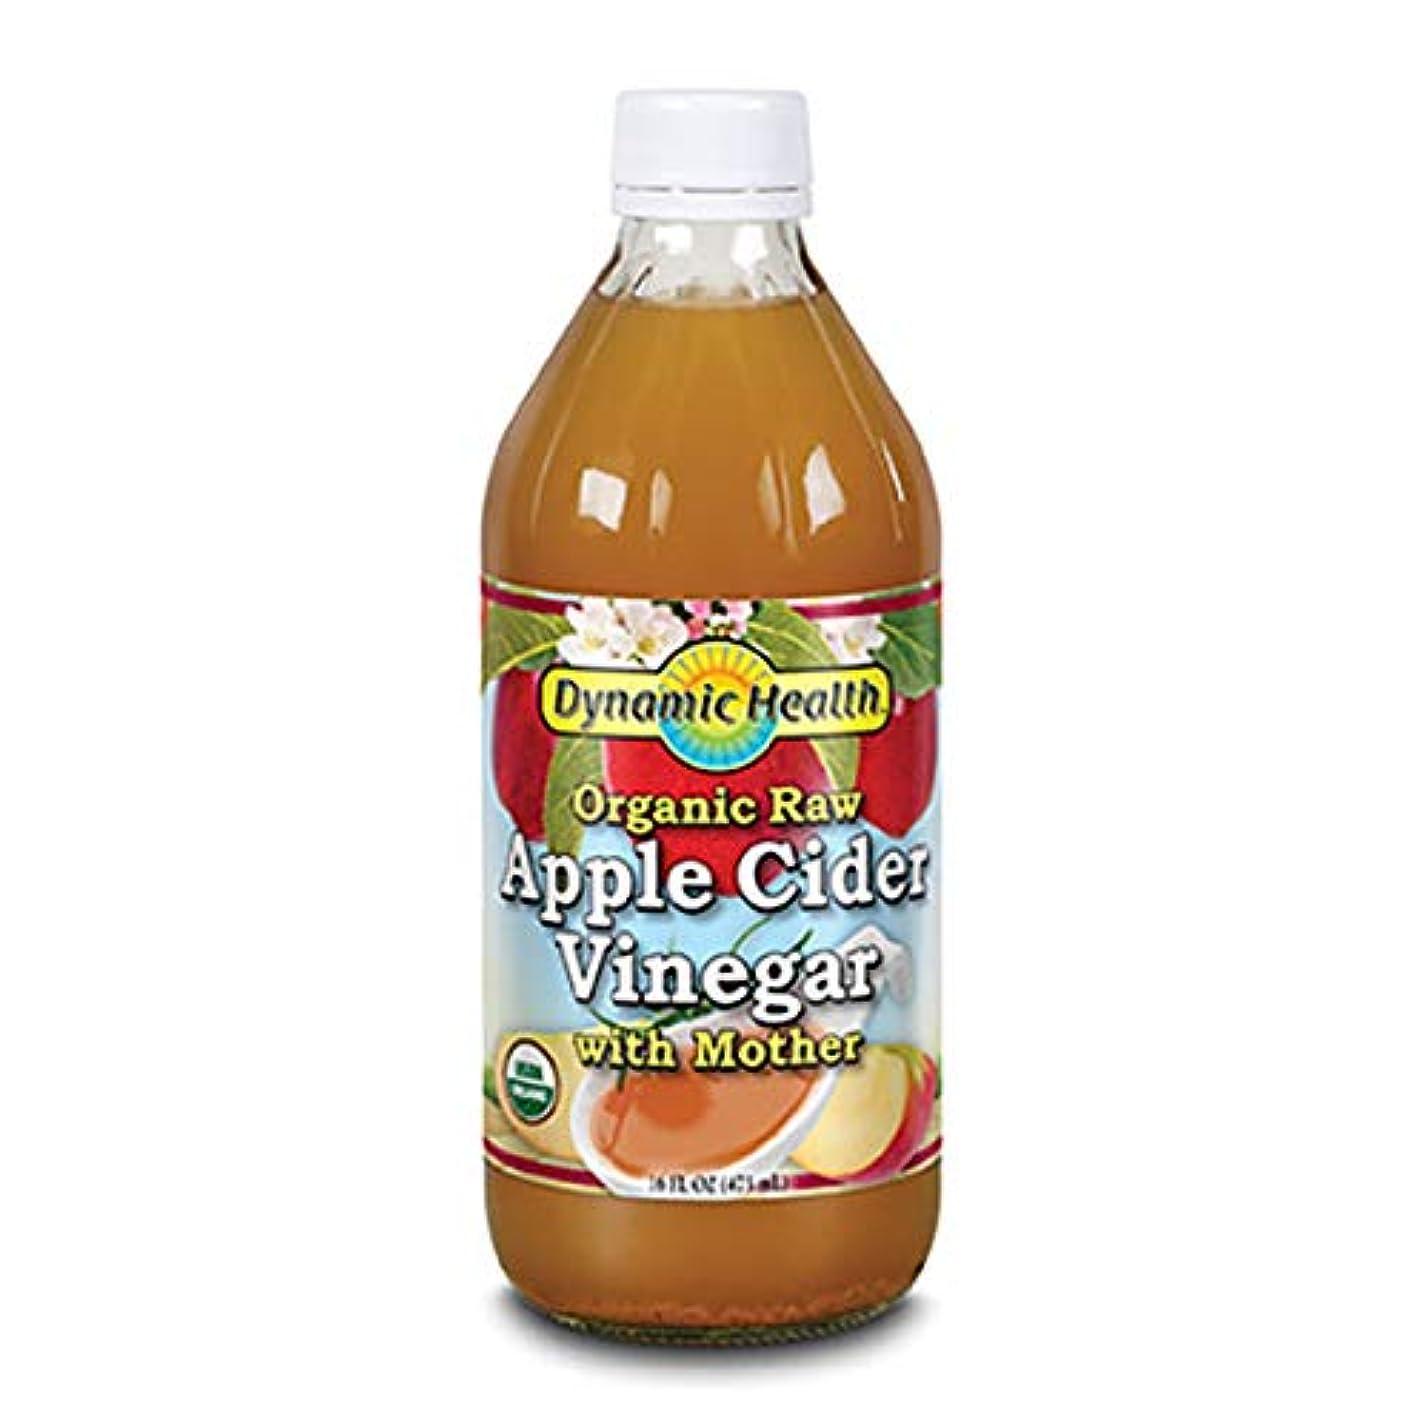 誠意行う容量Dynamic Health Organic Raw Apple Cider Vinegar With Mother  16 oz (473ml) [並行輸入品]